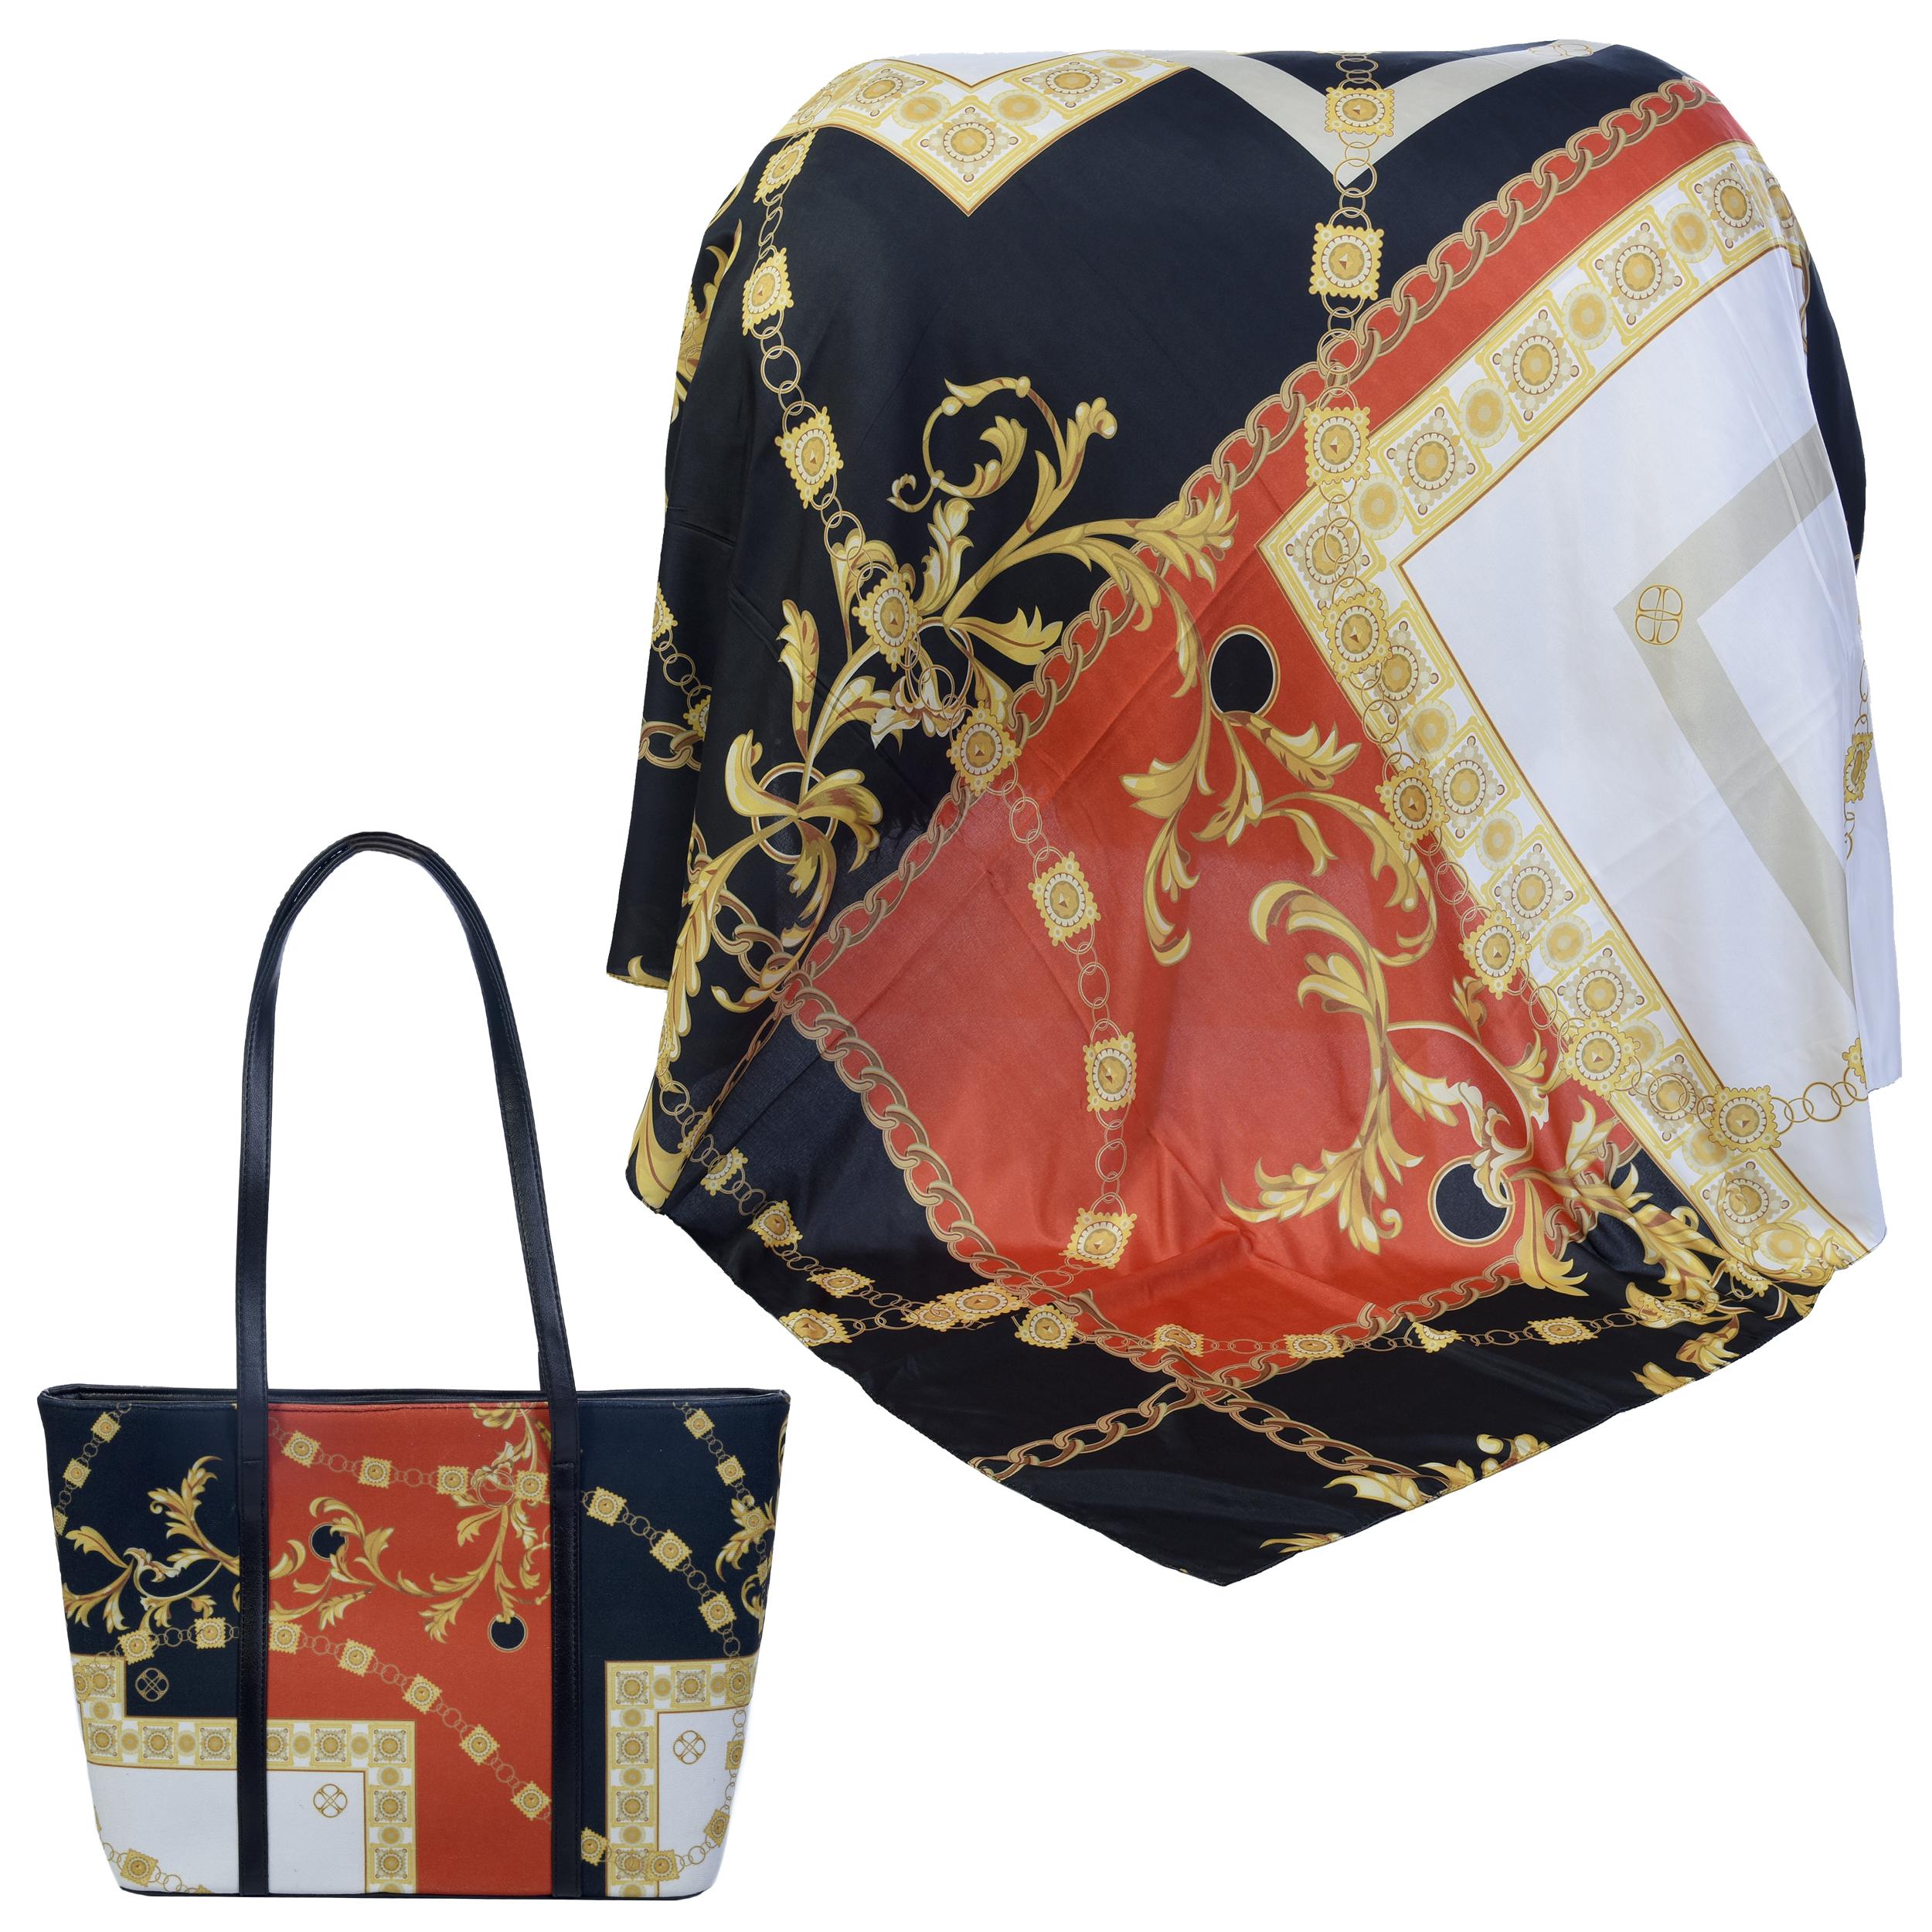 ست کیف و روسری زنانه کد 990216-T1